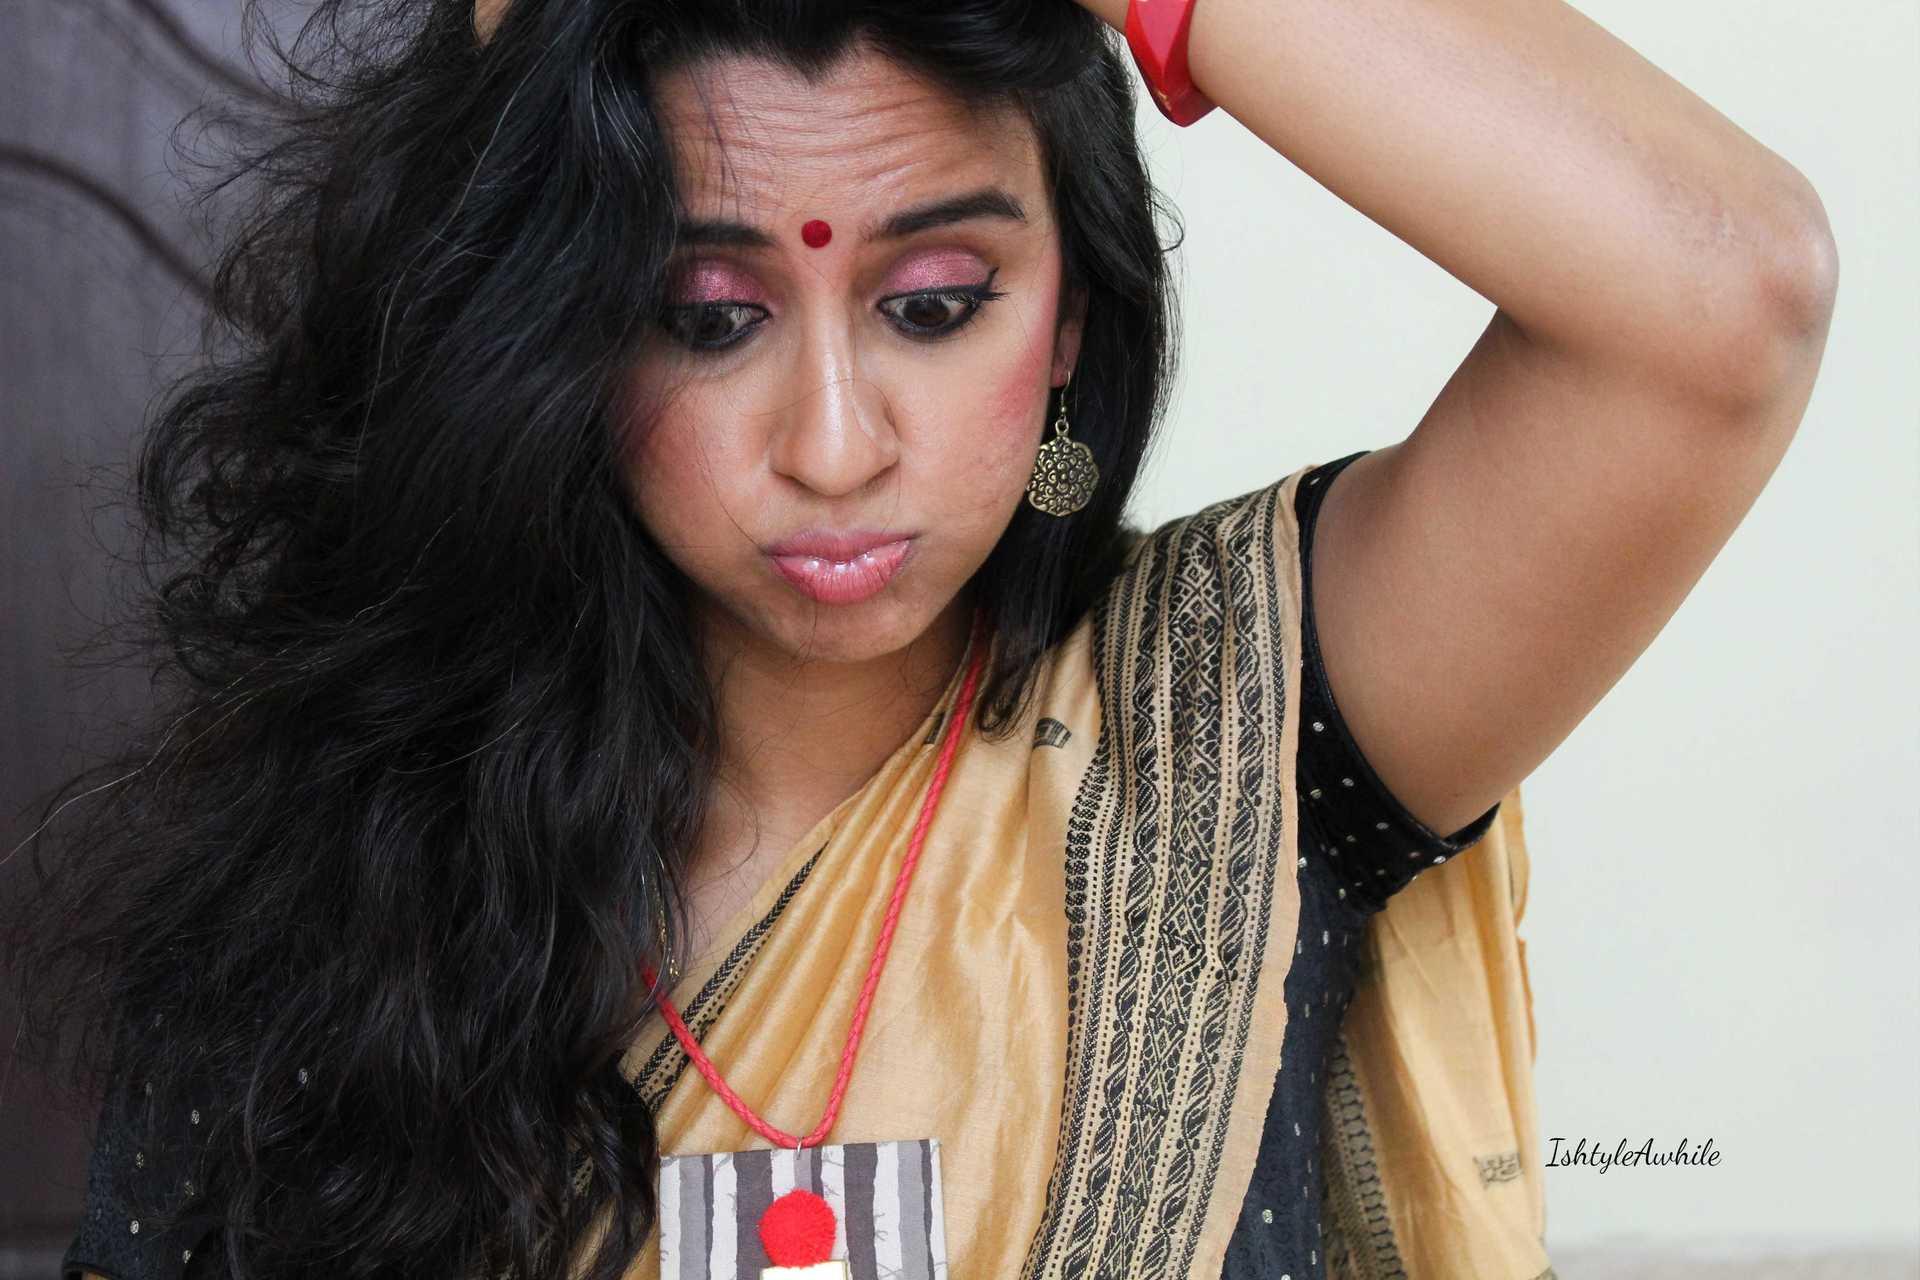 IshtyleAwhile - ishtyleawhile chennai beauty blogger